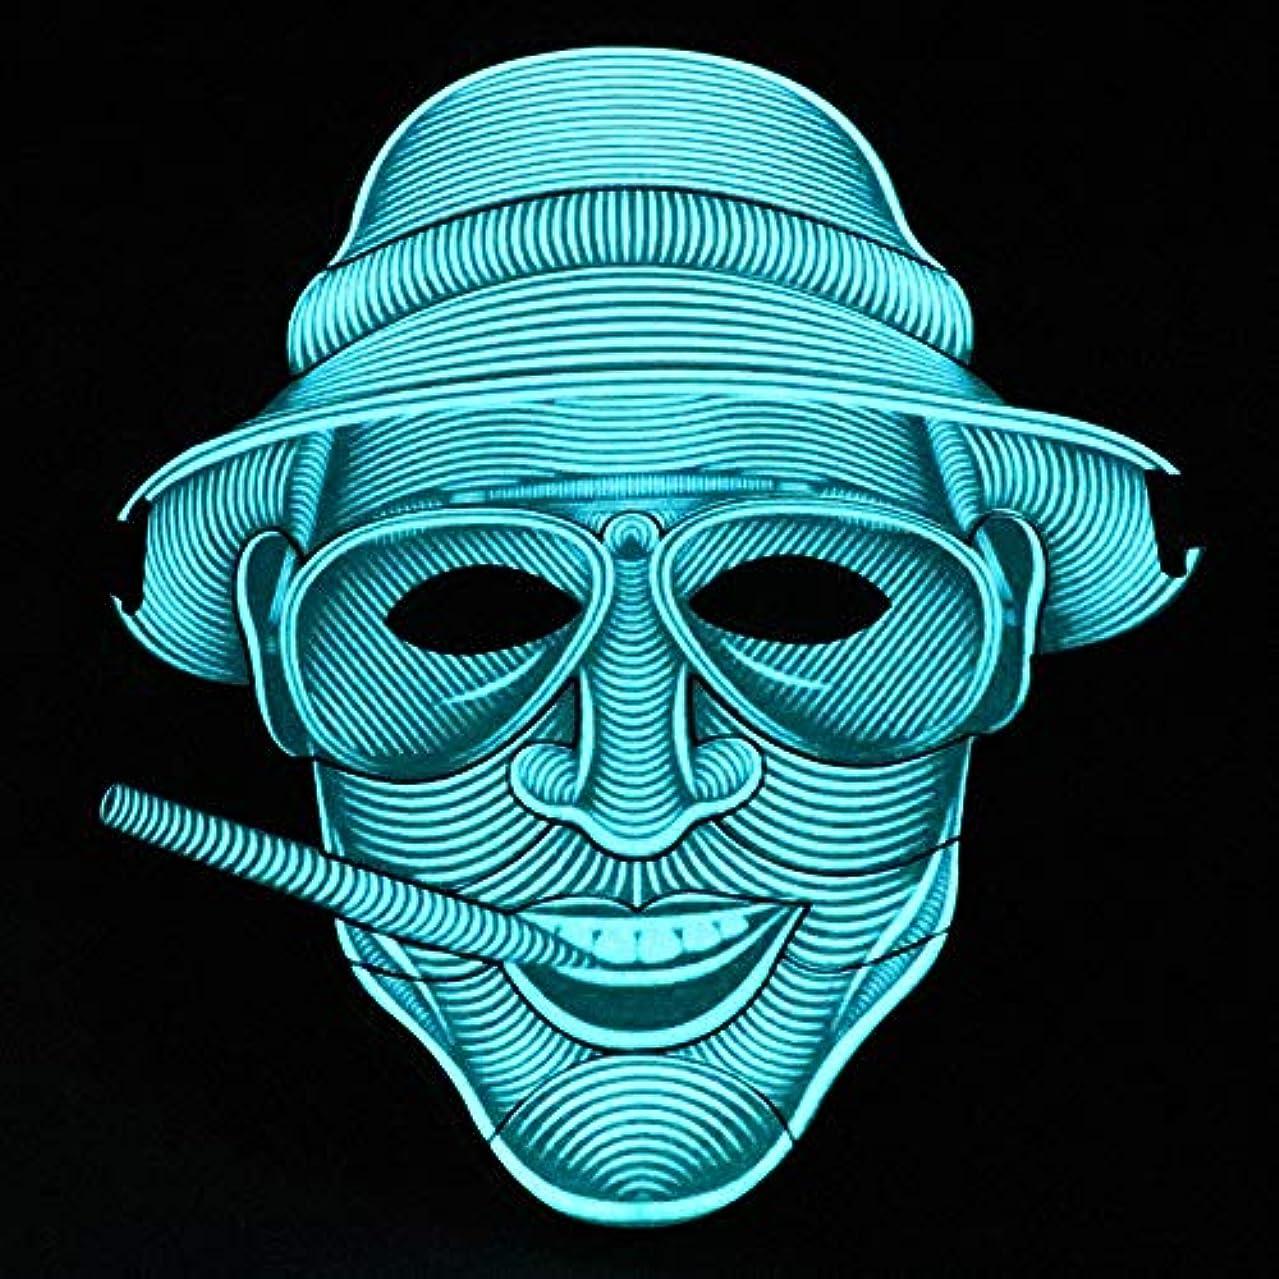 夫安心させる不定照らされたマスクLED創造的な冷光音響制御マスクハロウィンバーフェスティバルダンスマスク (Color : #14)